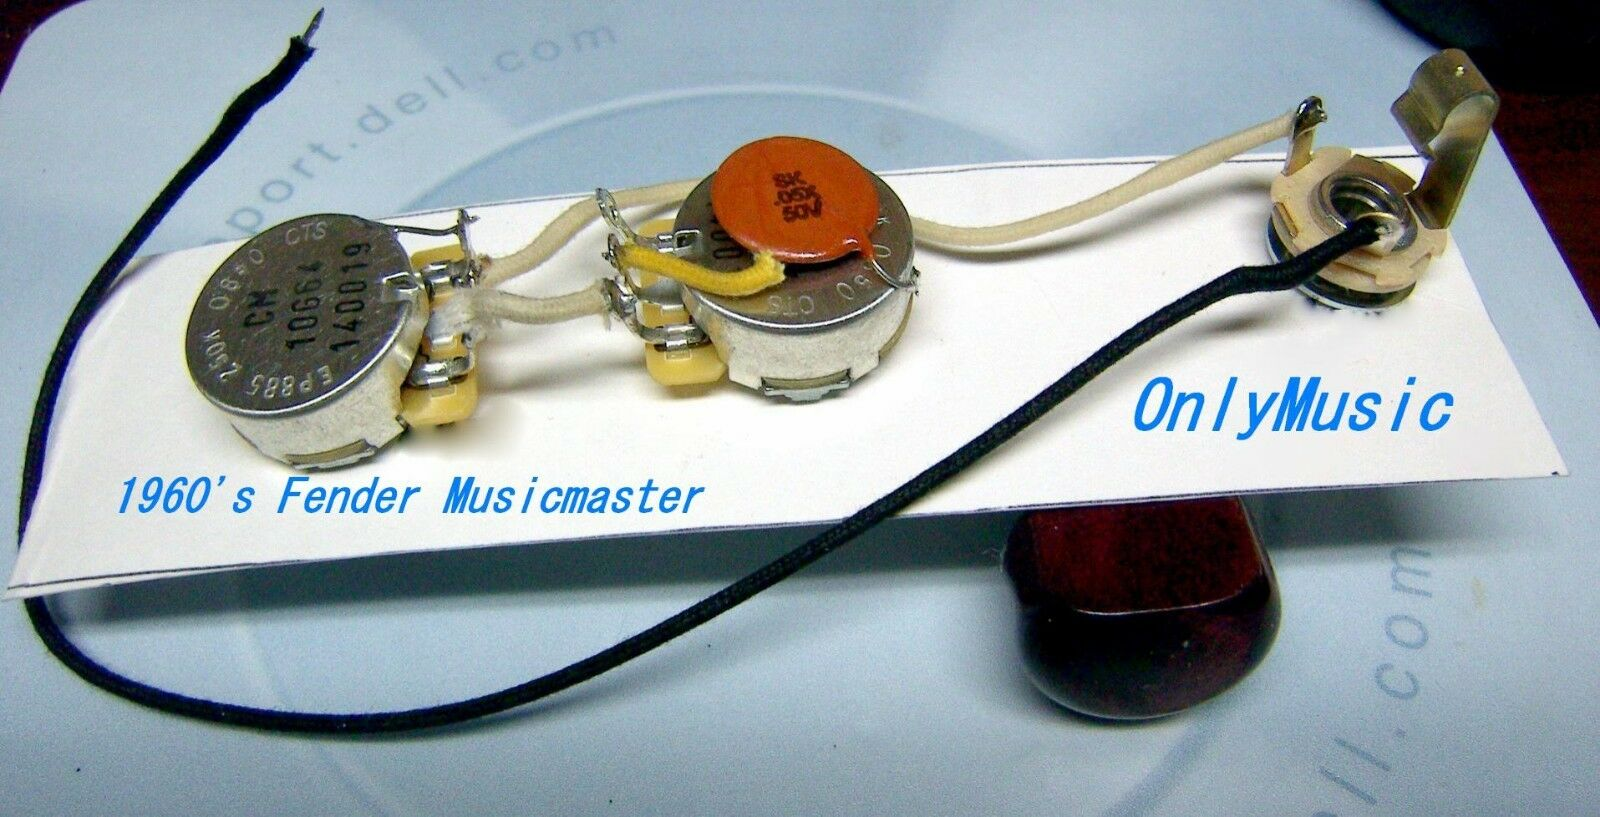 Kompatibel Fender Musicmaster 18.3ms Repro Klassischer Kabelbaum